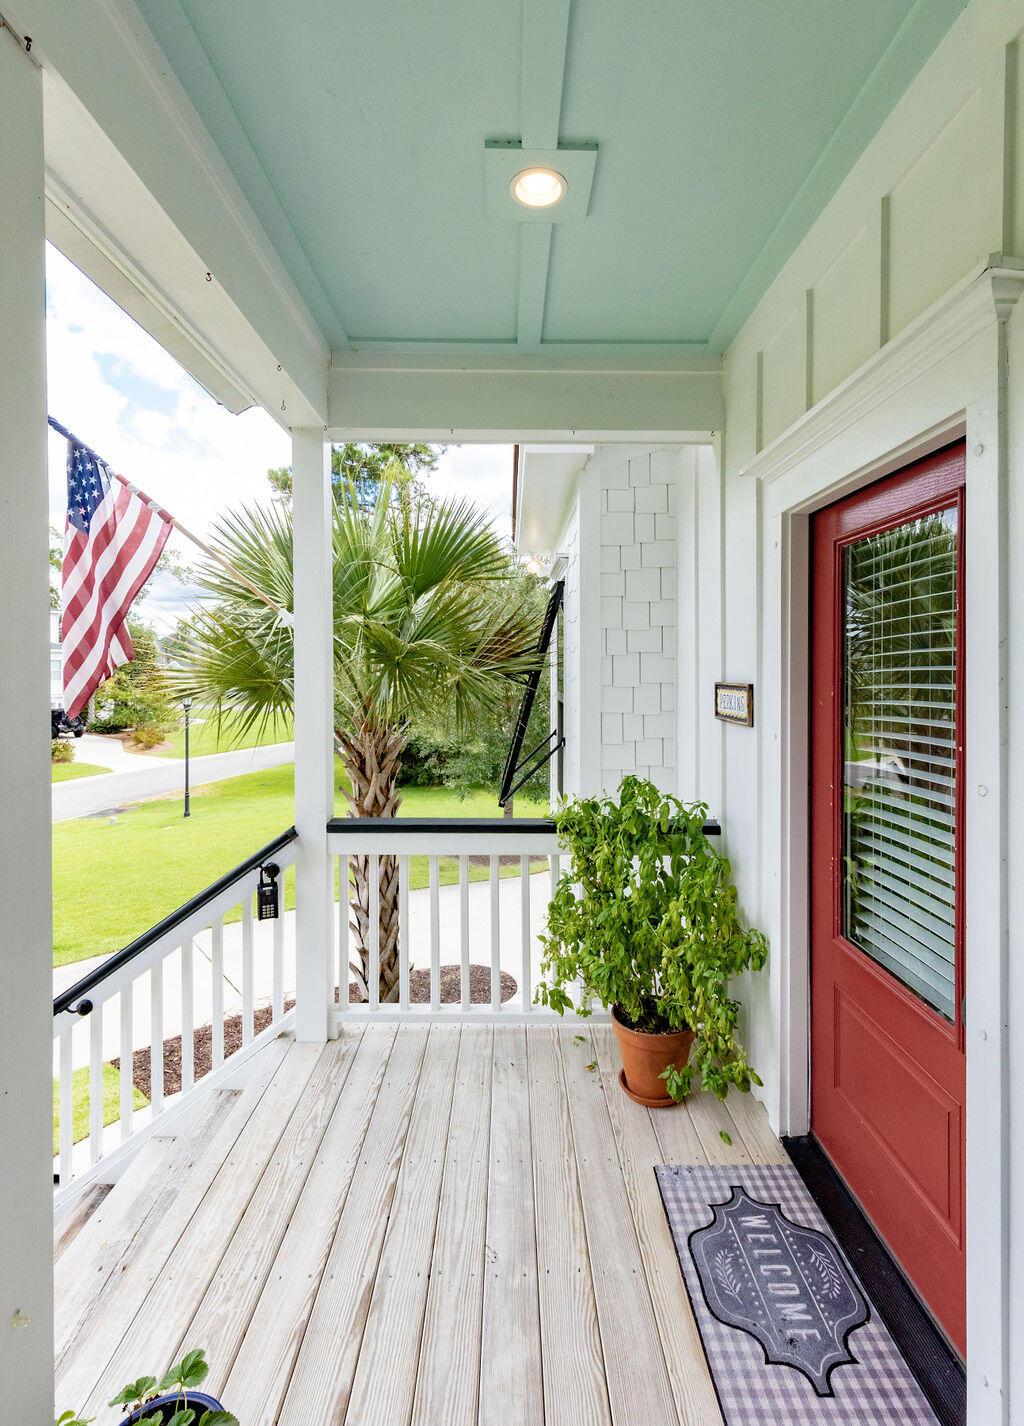 Dunes West Homes For Sale - 2705 Fountainhead, Mount Pleasant, SC - 1